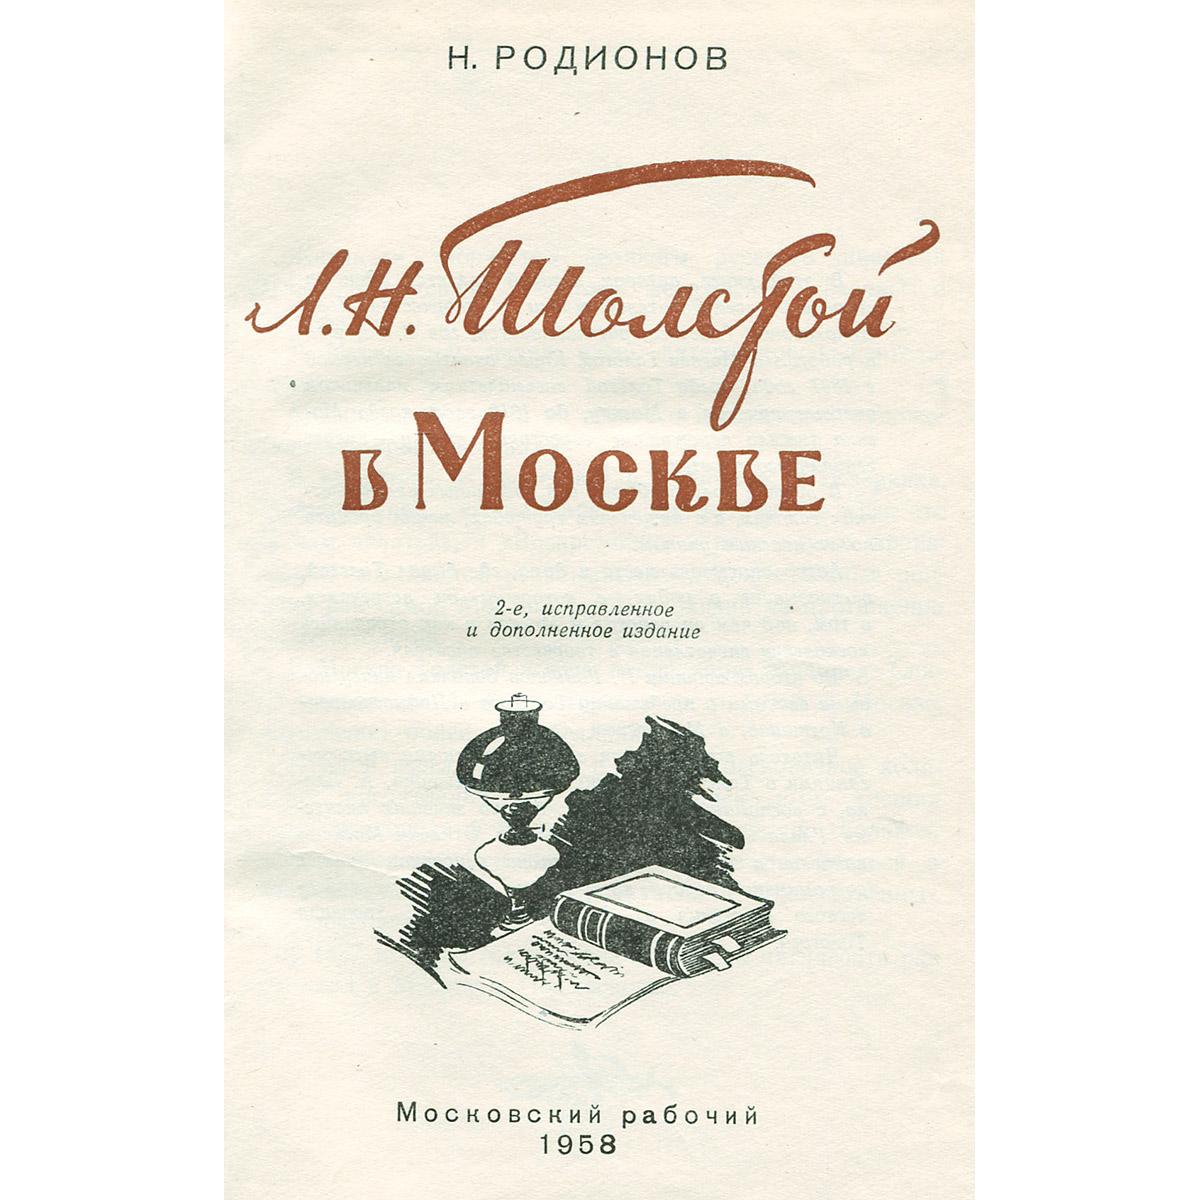 Скачать Л. Н. Толстой в Москве быстро